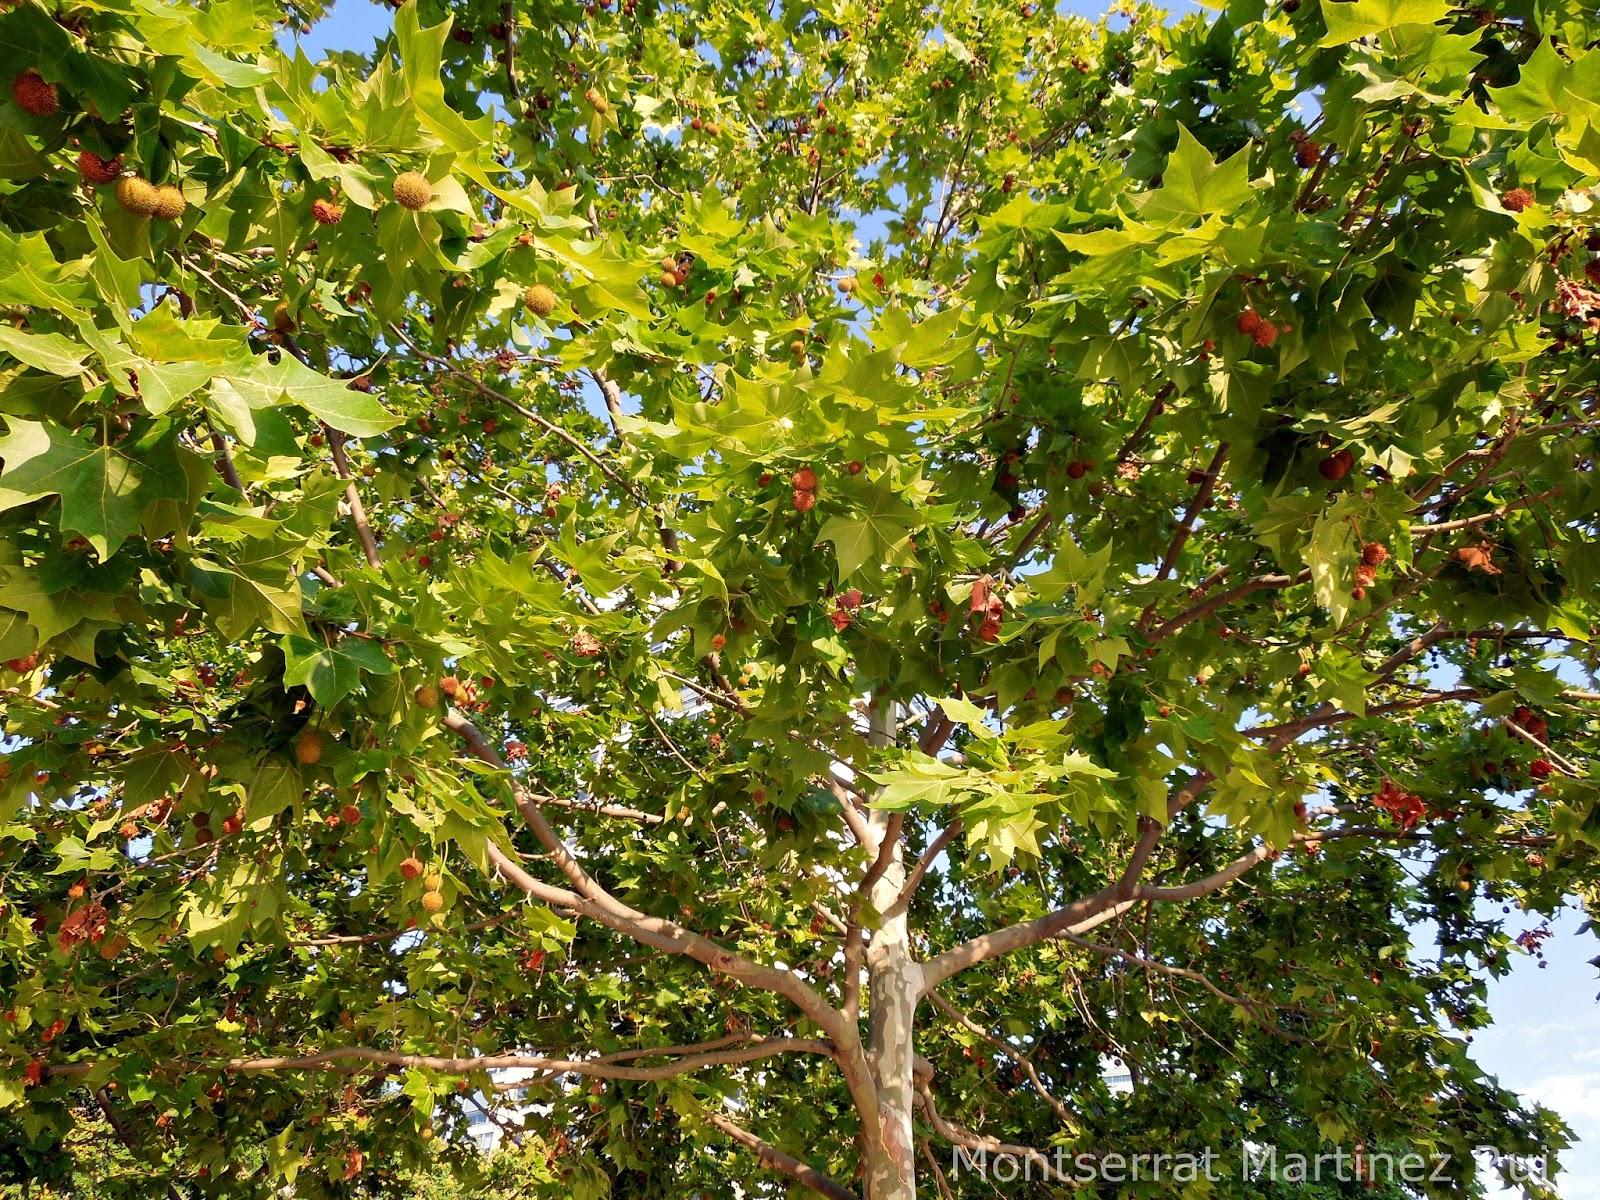 Platano De Sombra Botanic Serrat - Arboles-que-dan-sombra